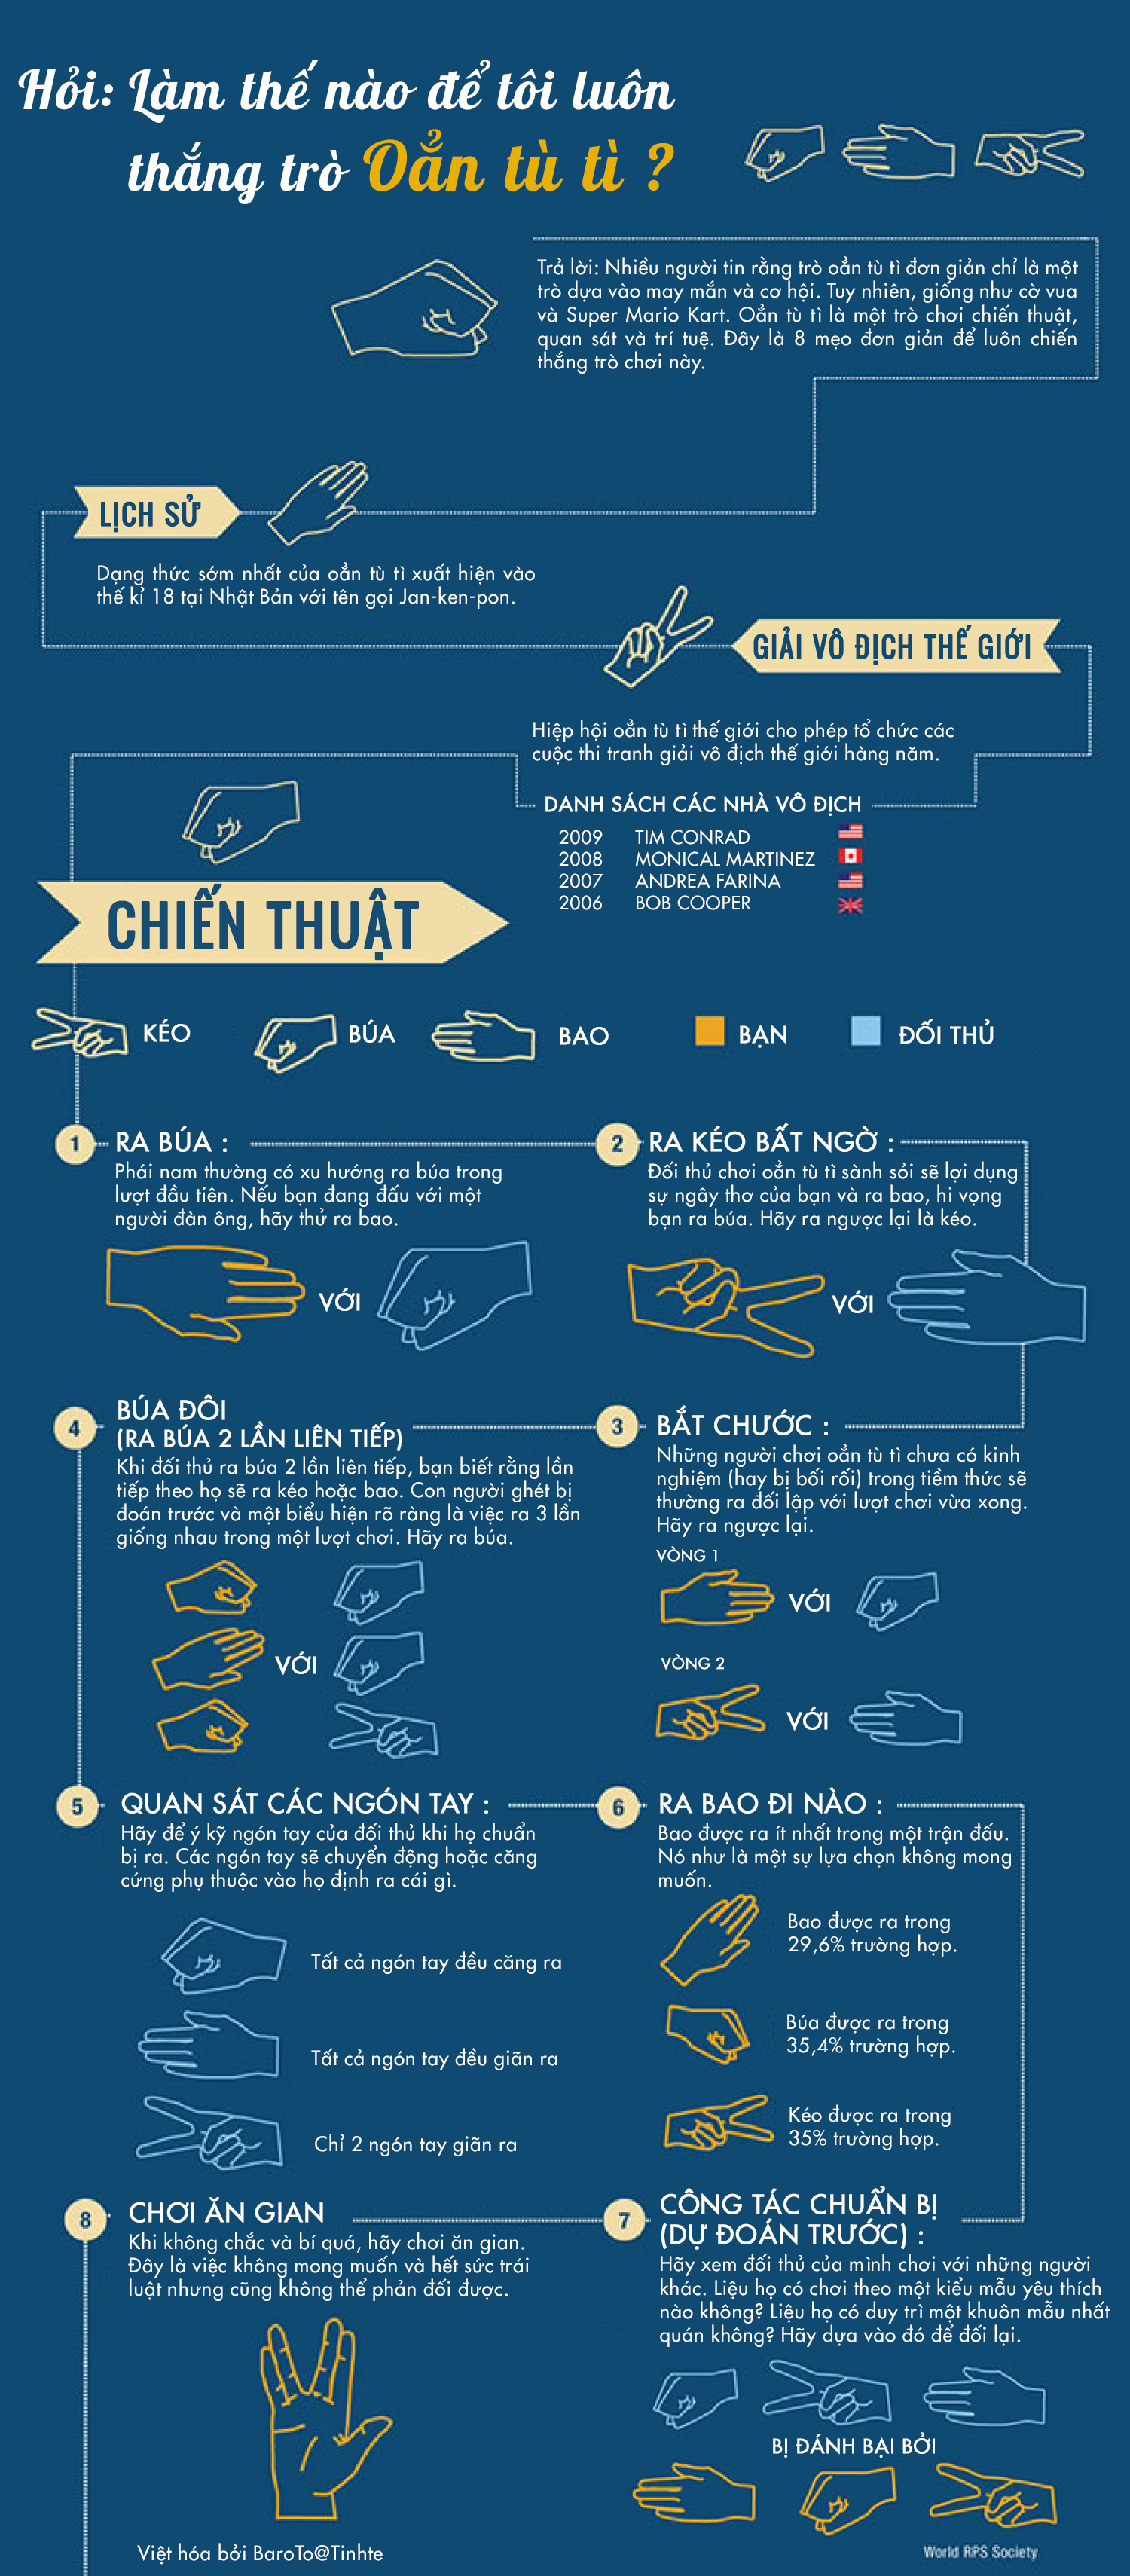 [ Infographic ] Làm thế nào để luôn thắng oẳn tù tì